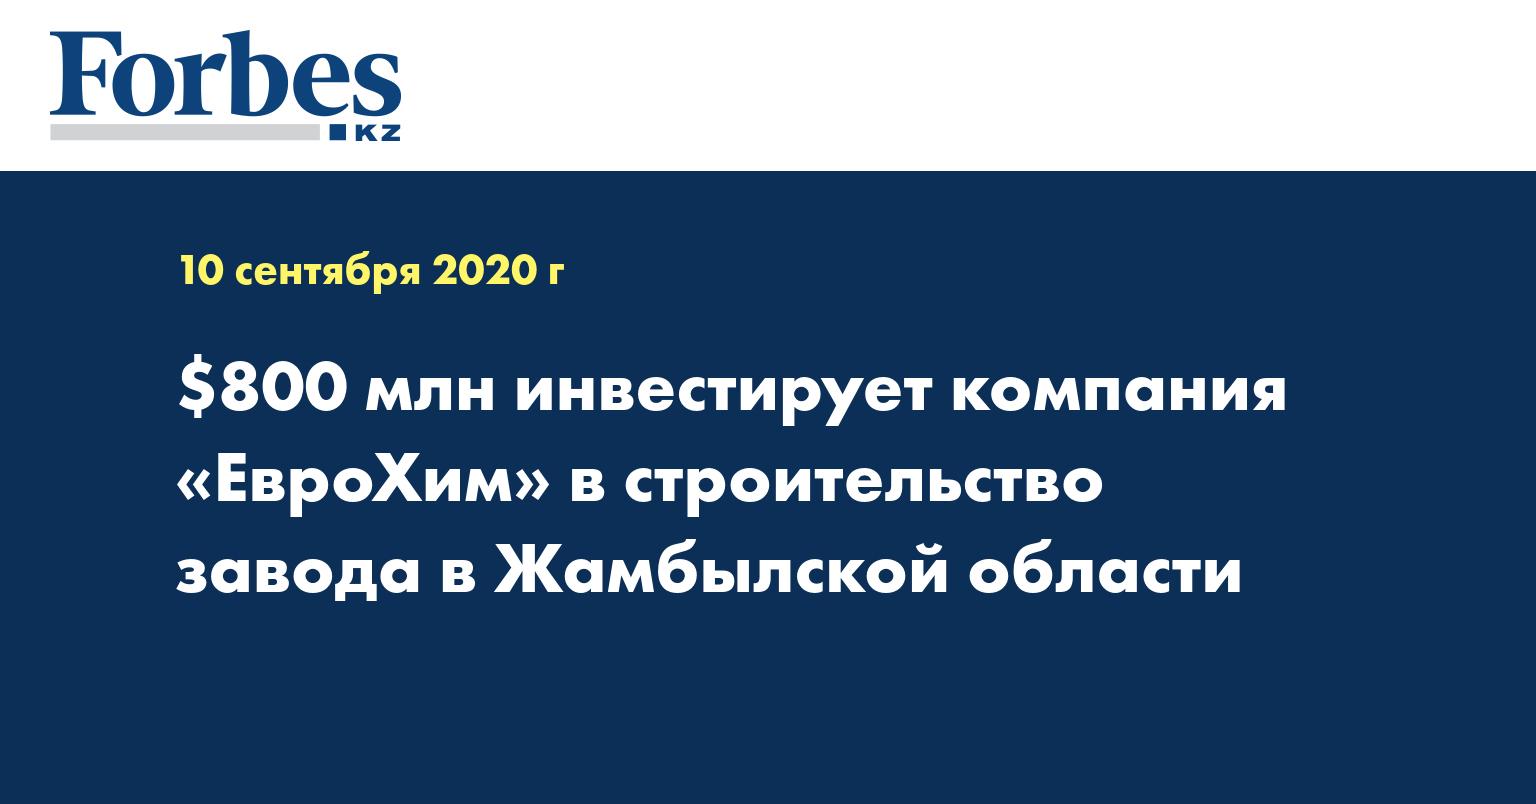 $800 млн инвестирует компания «ЕвроХим» в строительство завода в Жамбылской области